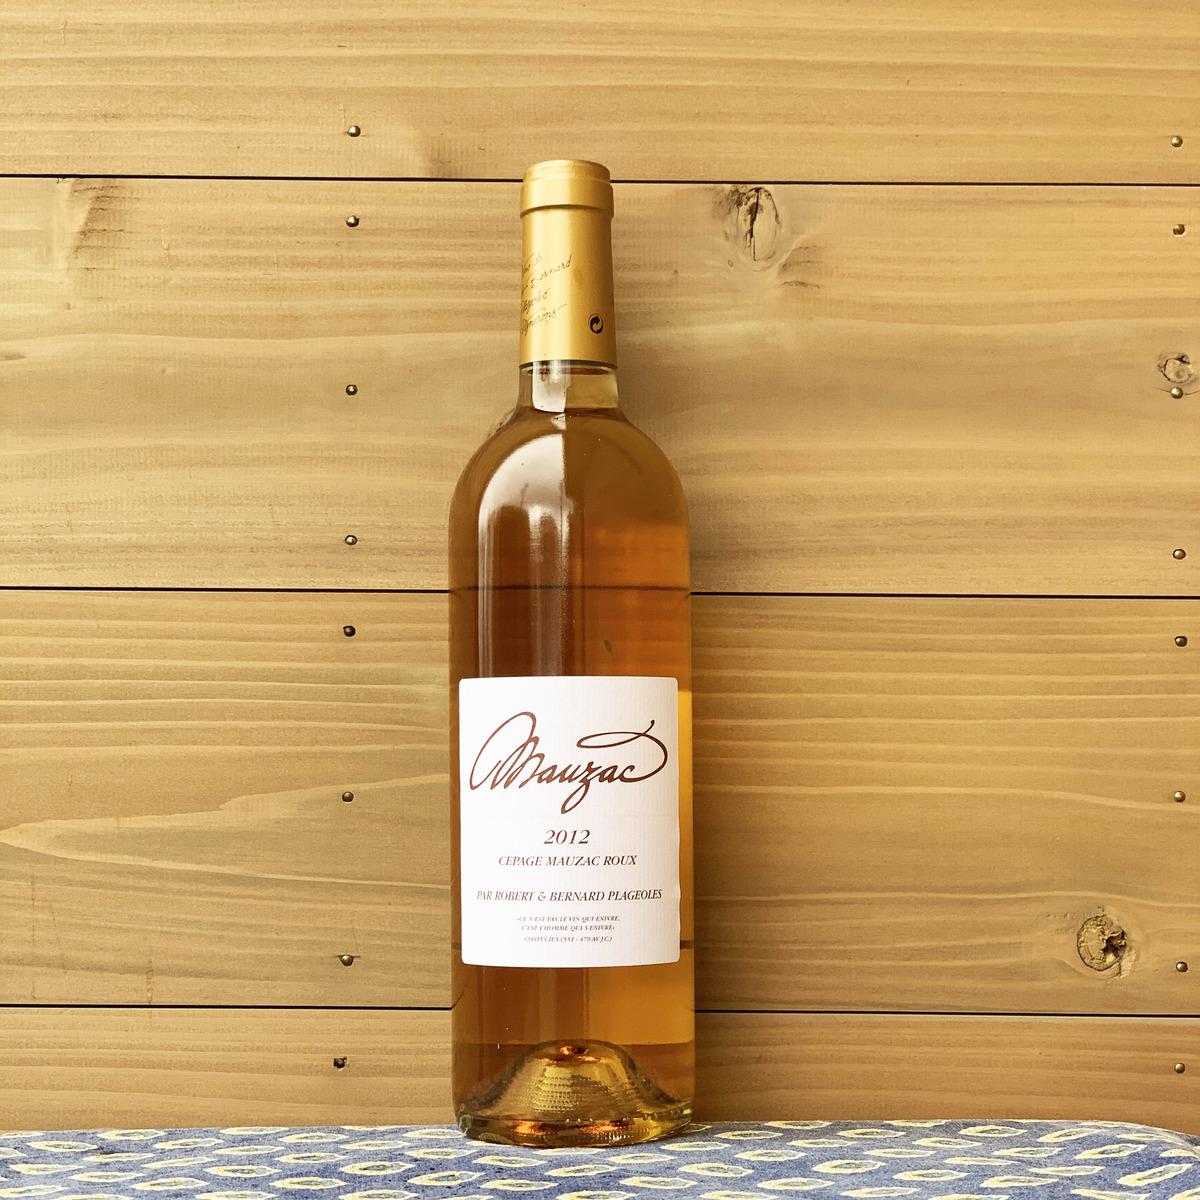 テロワールの個性を活かした品種 造りに定評のある生産者の甘口白ワインです 南西地方 フランス 低価格 ベルナール プラジョル 甘口 ルー 送料0円 2012 白ワイン 自然派ワイン モーザック